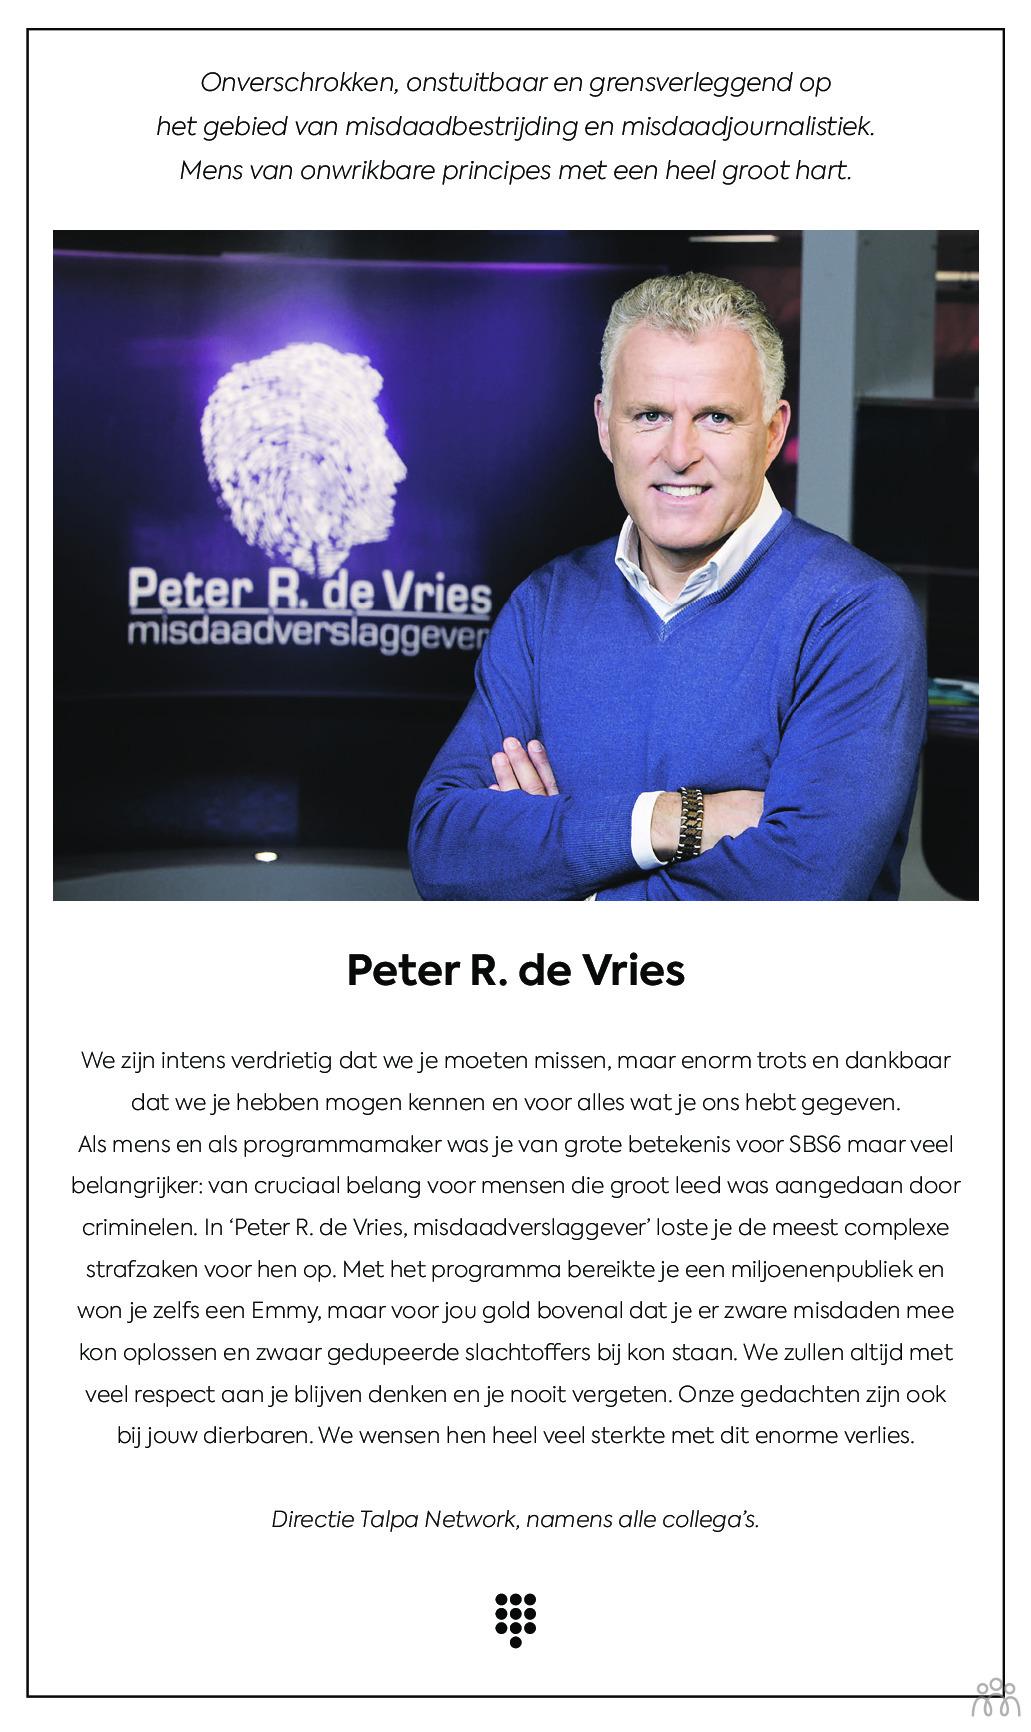 Overlijdensbericht van Peter R. de Vries in de Telegraaf